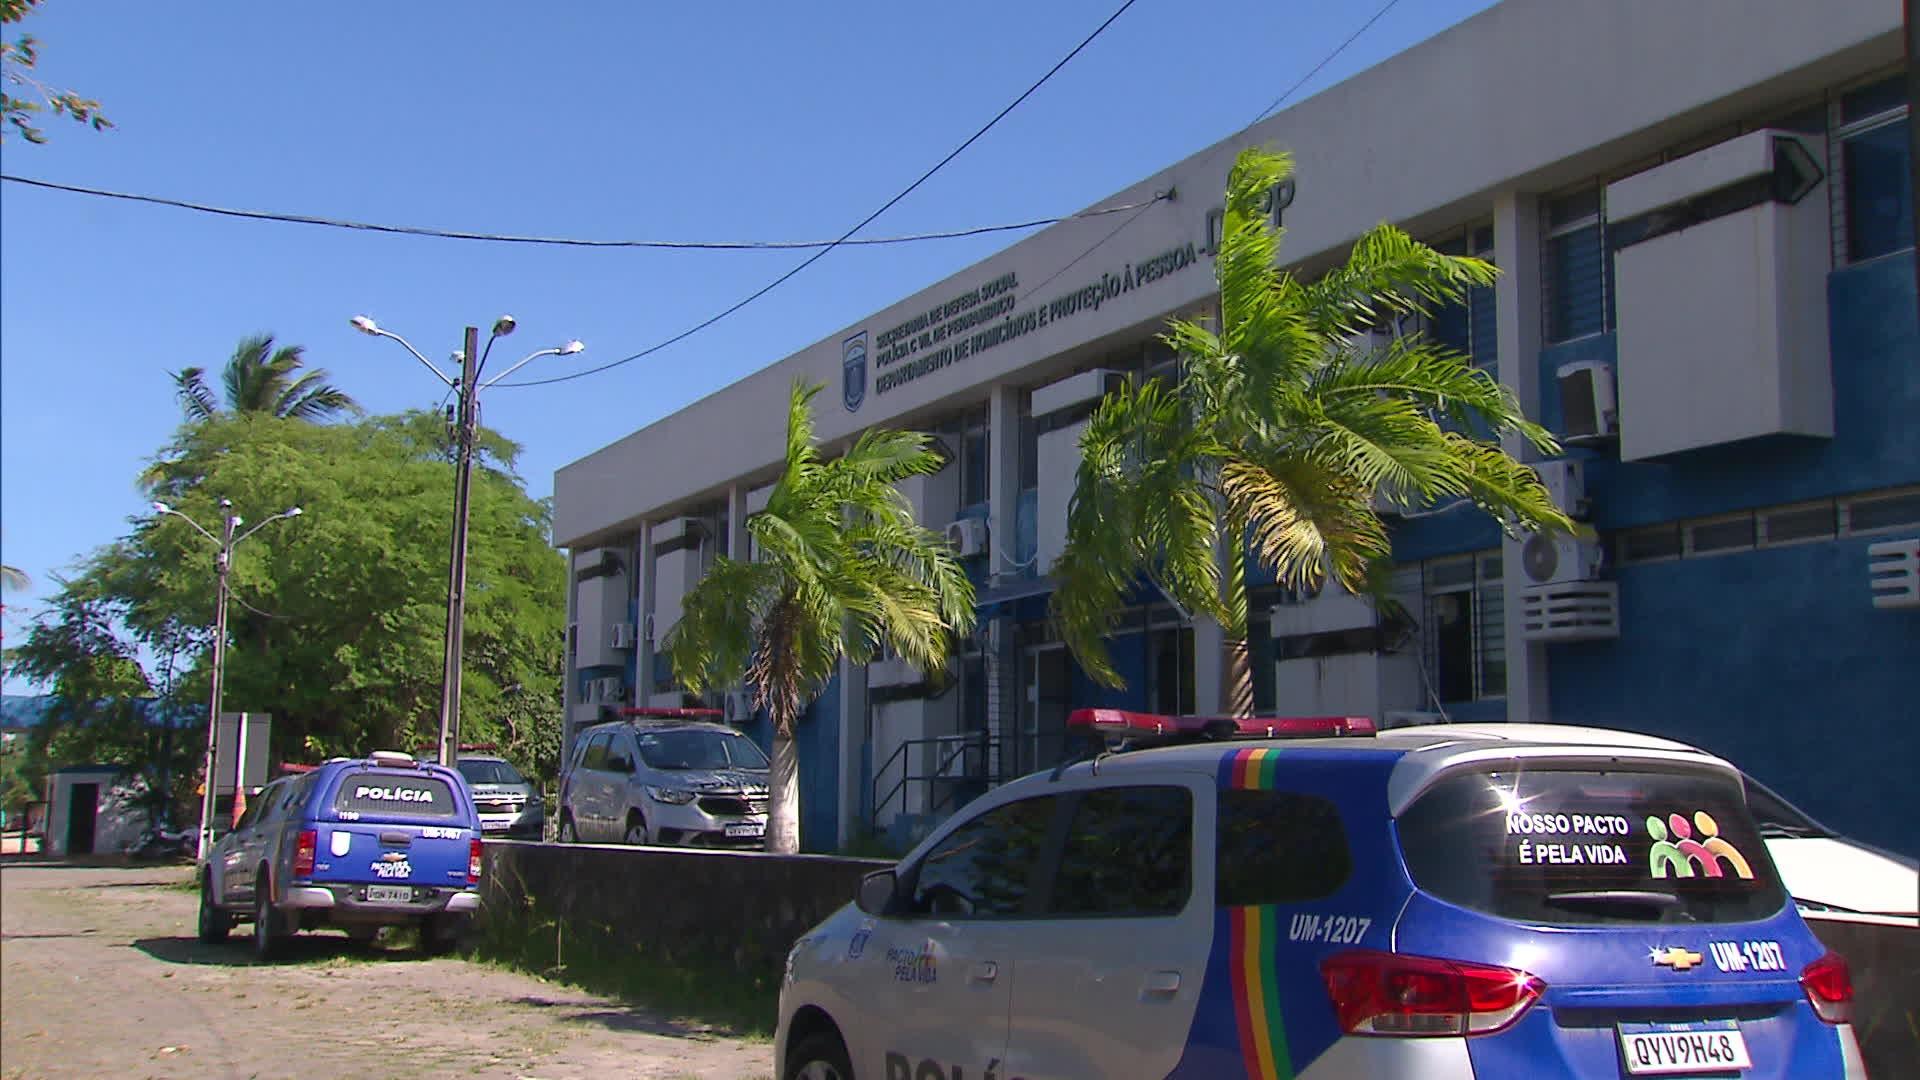 Menina de 2 anos morre após ser socorrida com sinais de violência sexual e mulher é presa suspeita de homicídio